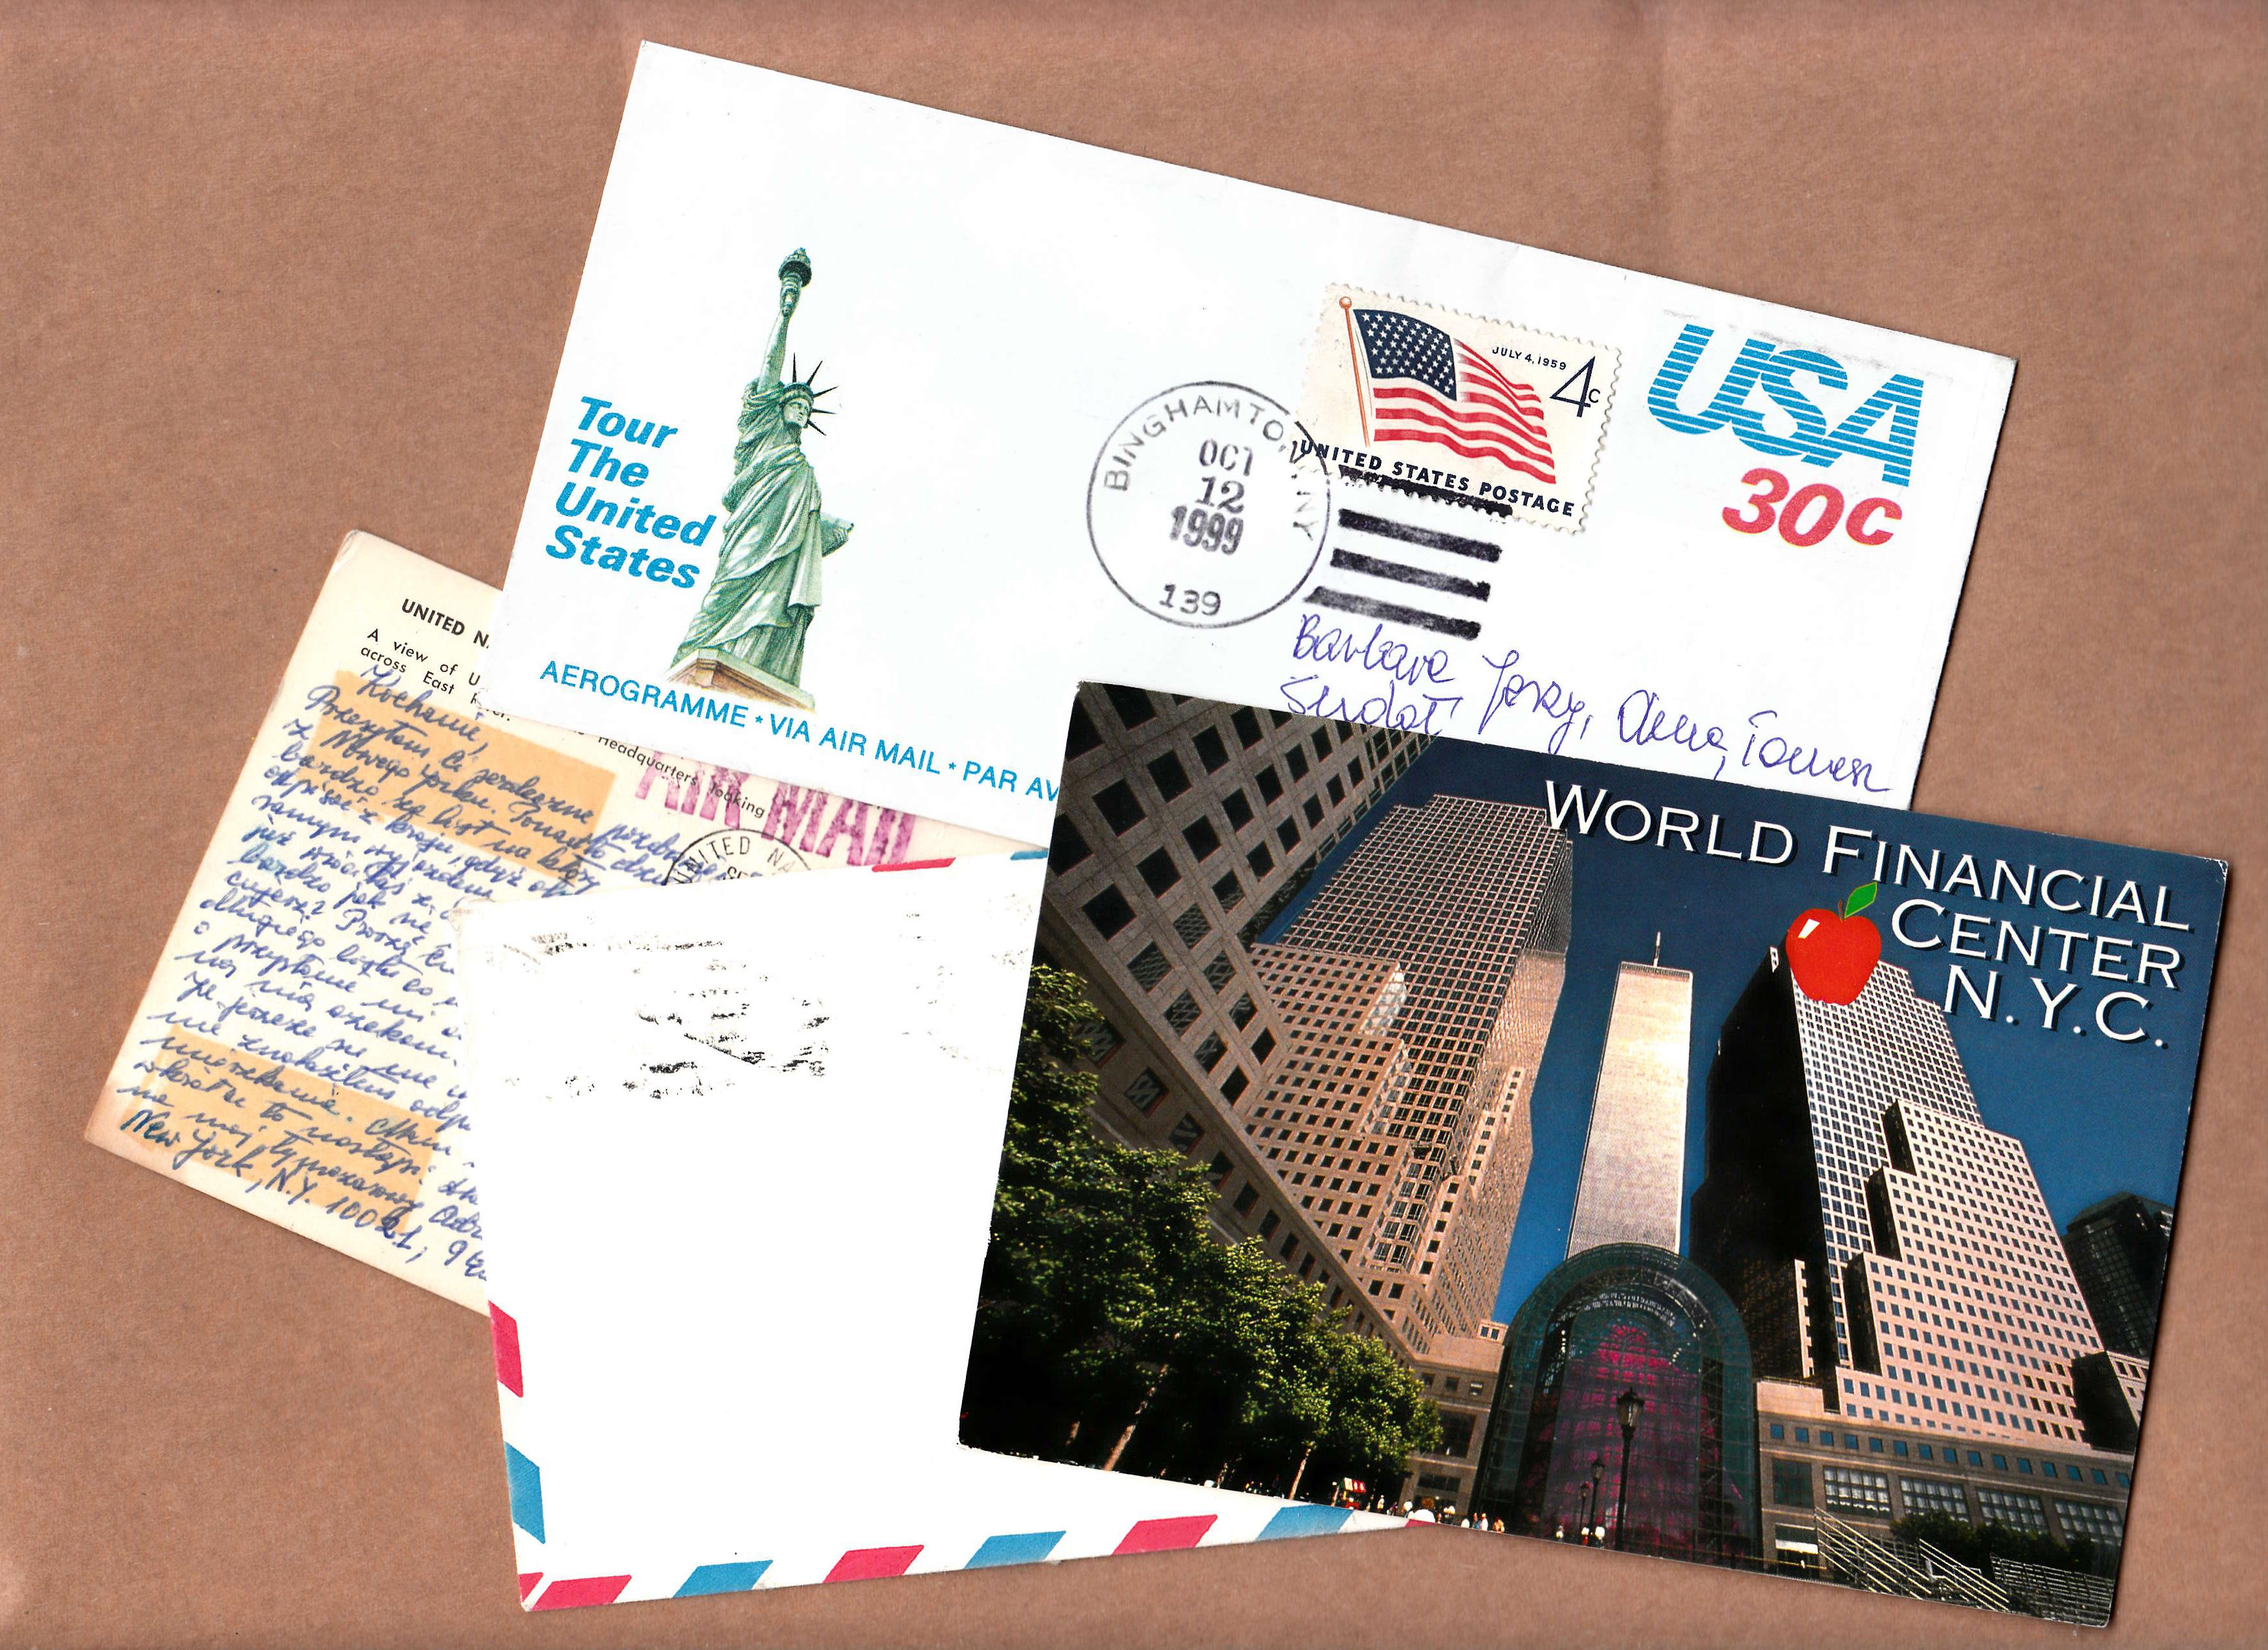 Kartki, koperty, listy zeStanów oddrugiej babki zosiedla, tejodLEGO, obiekty archiwalne